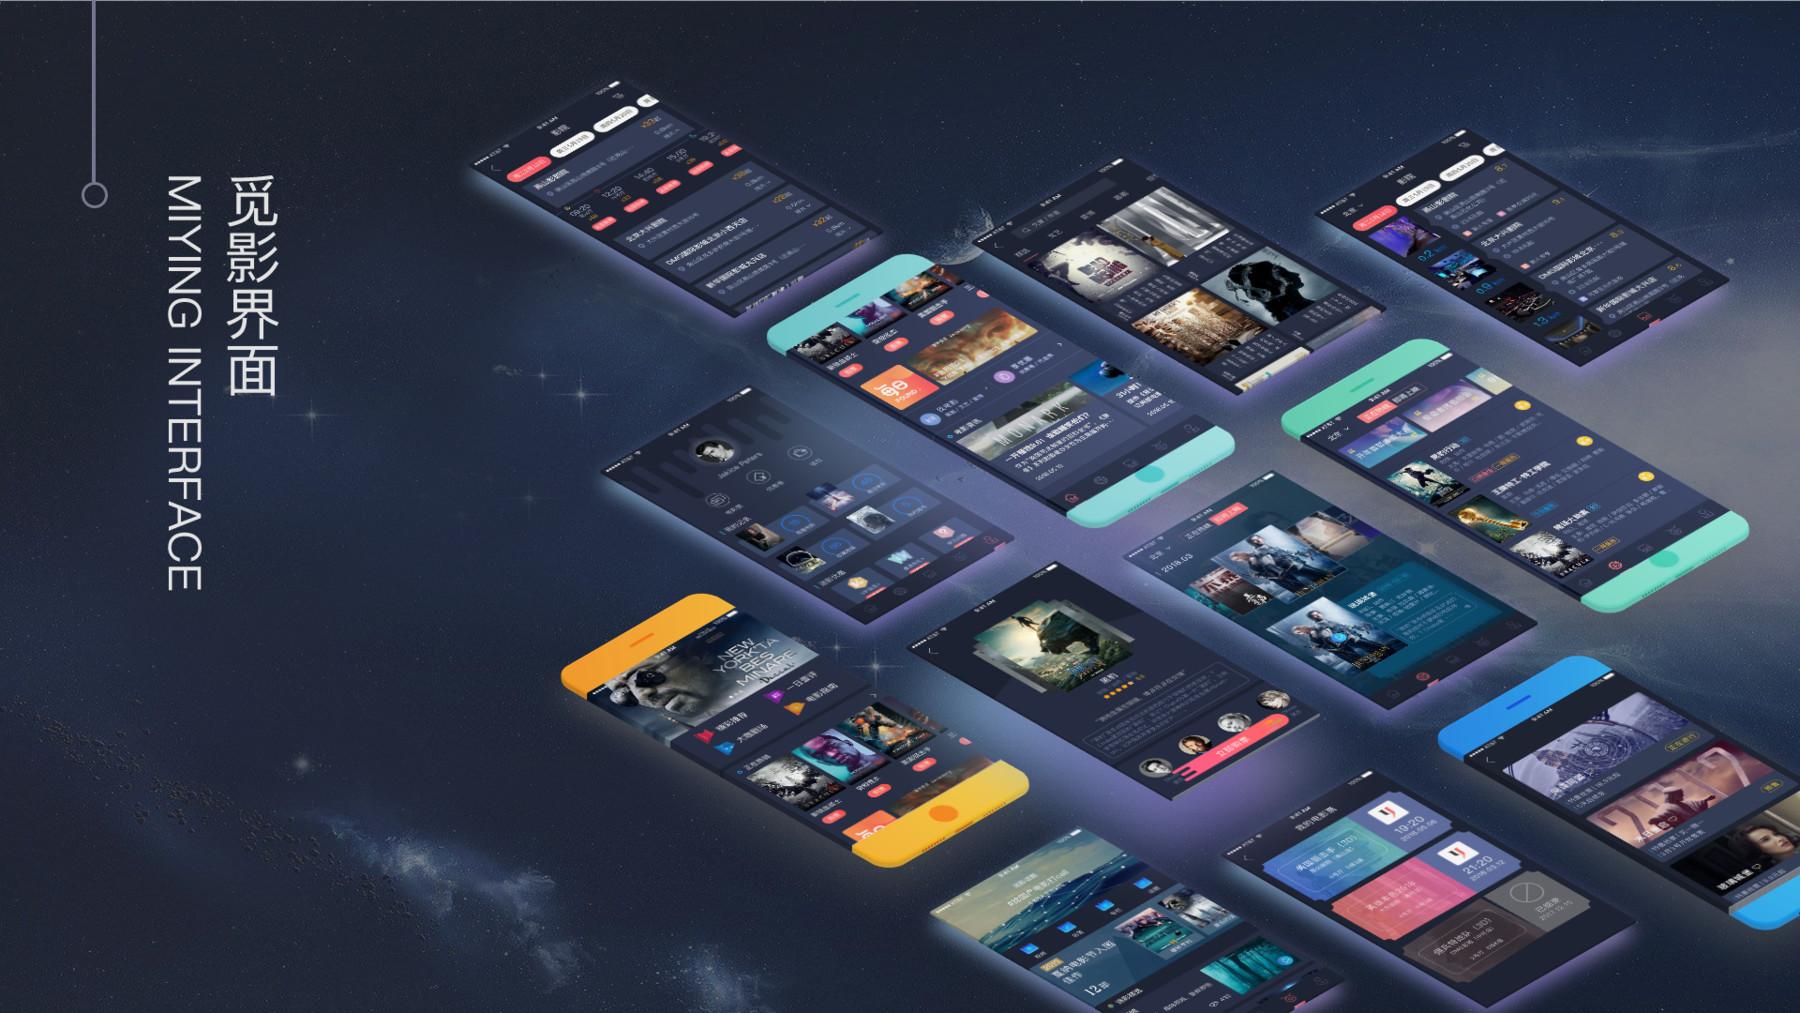 新版开发觅影电影影视APP源码(双端原生完美运营附带开发文档及教程 )